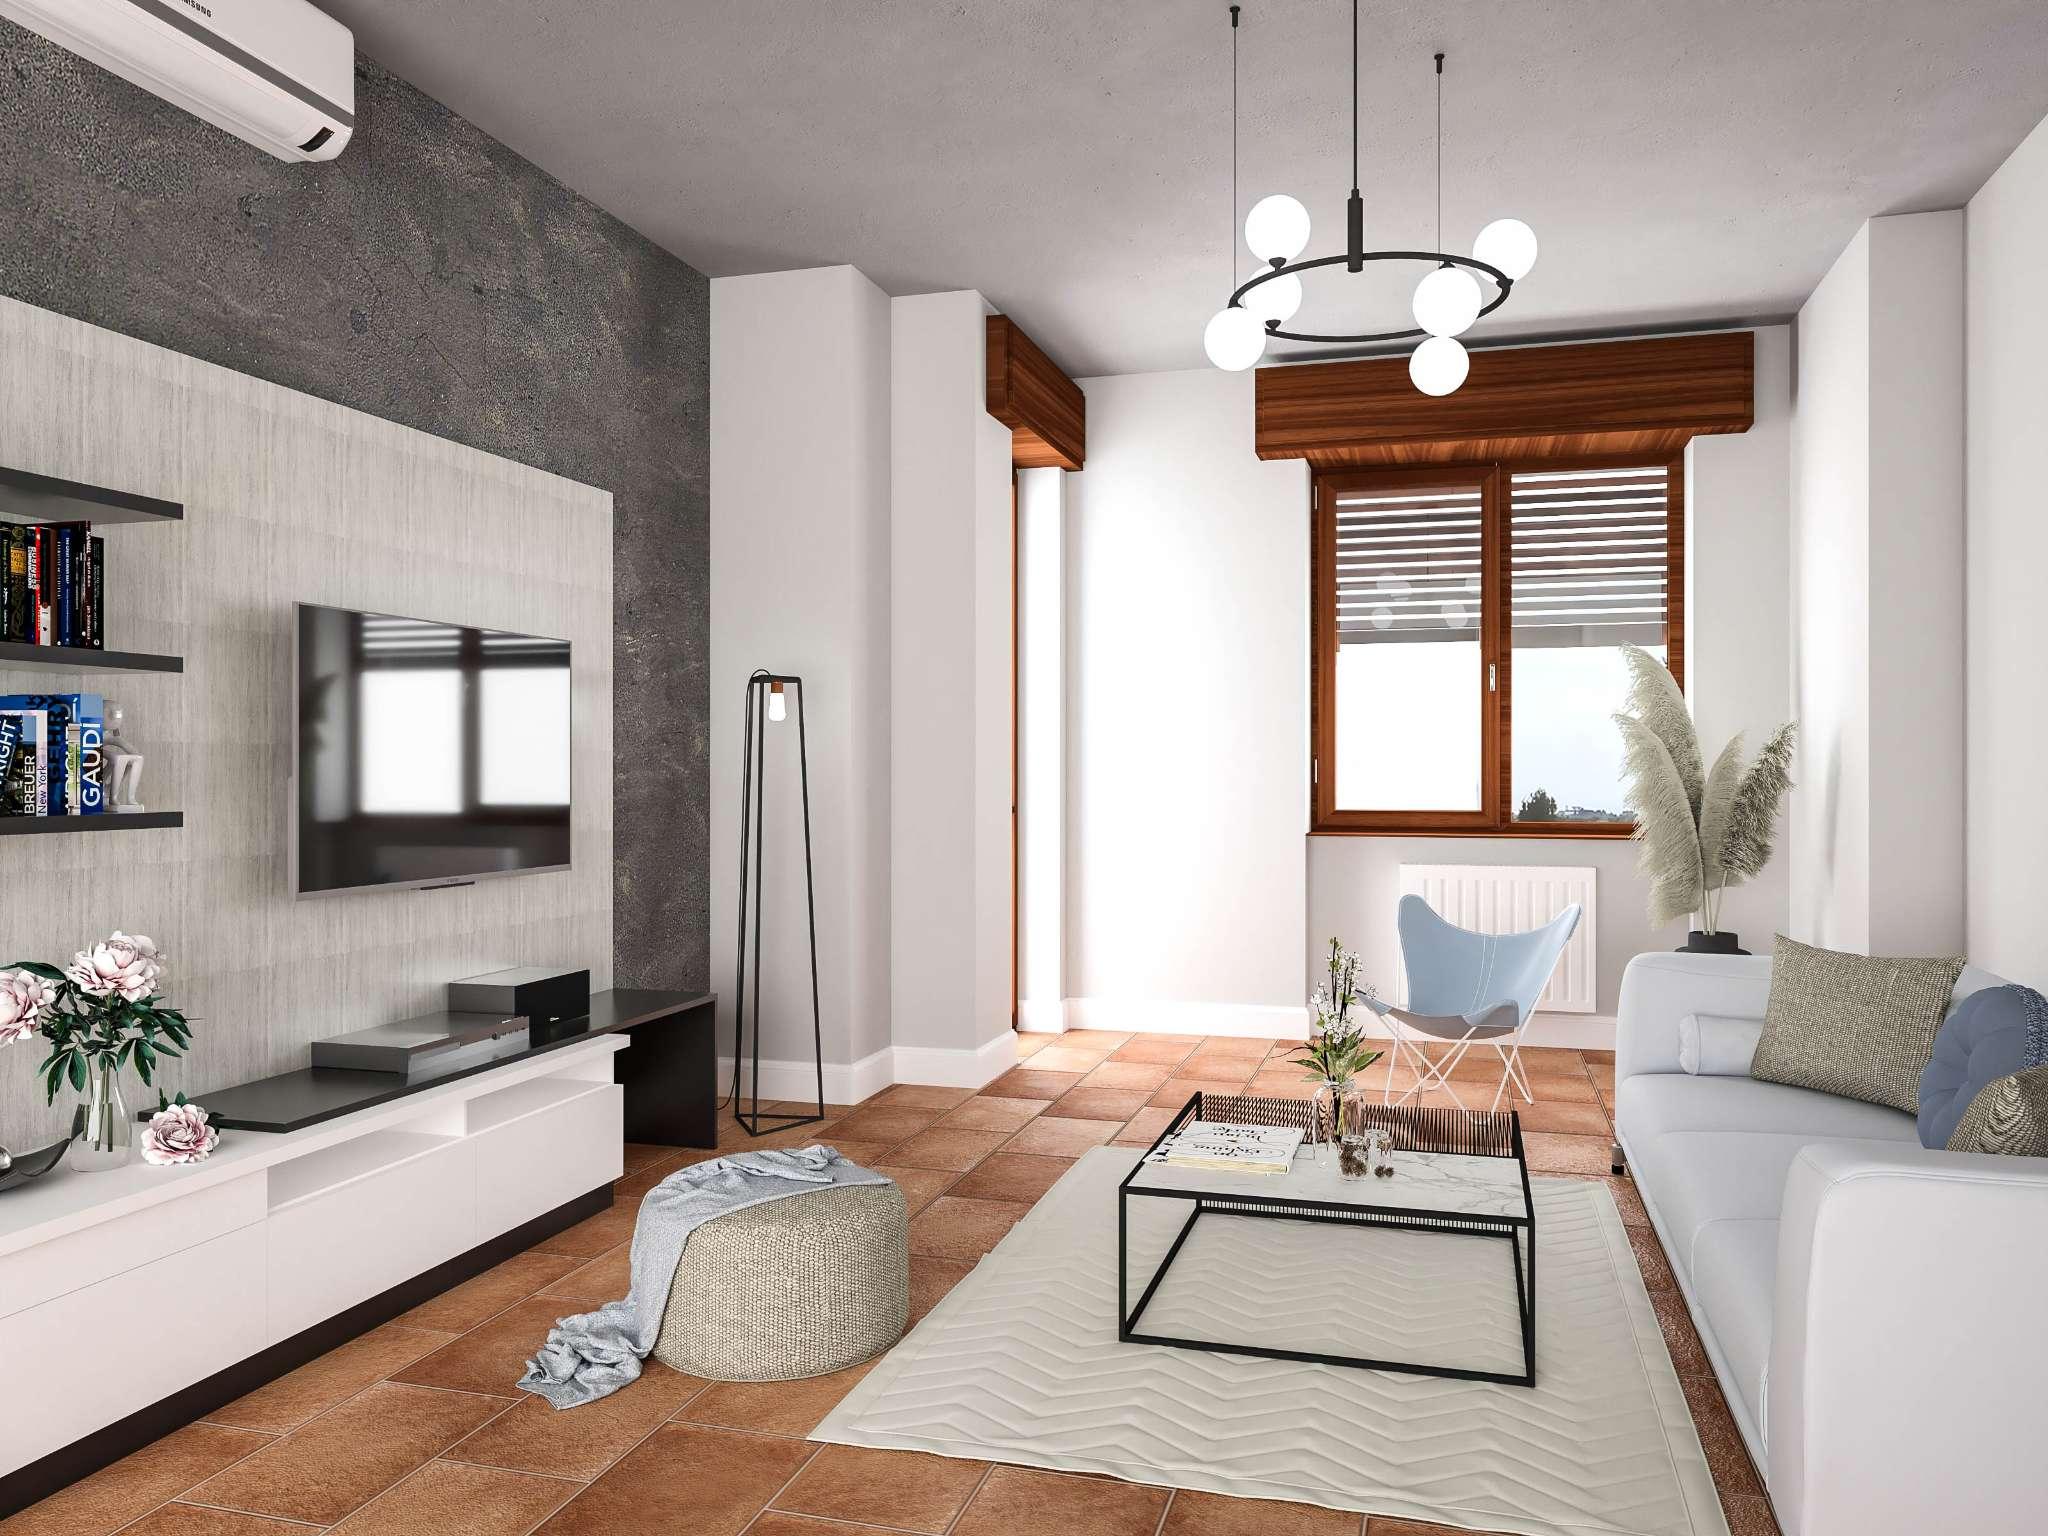 Appartamento in vendita a Trezzo sull'Adda, 3 locali, prezzo € 80.000 | PortaleAgenzieImmobiliari.it